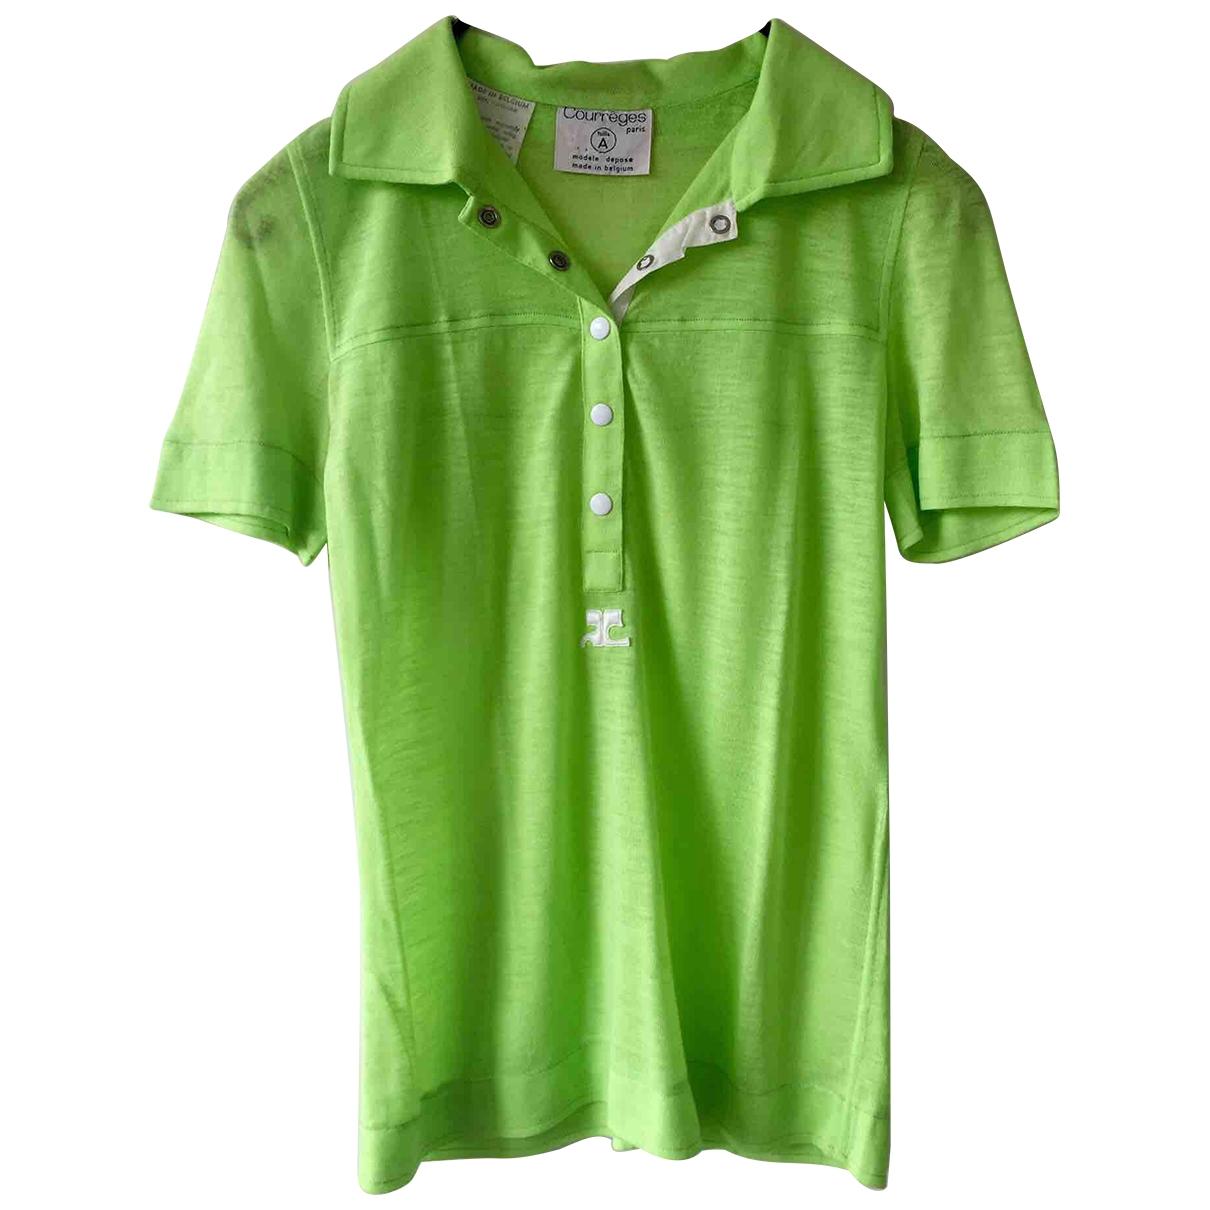 Courreges - Top   pour femme - vert